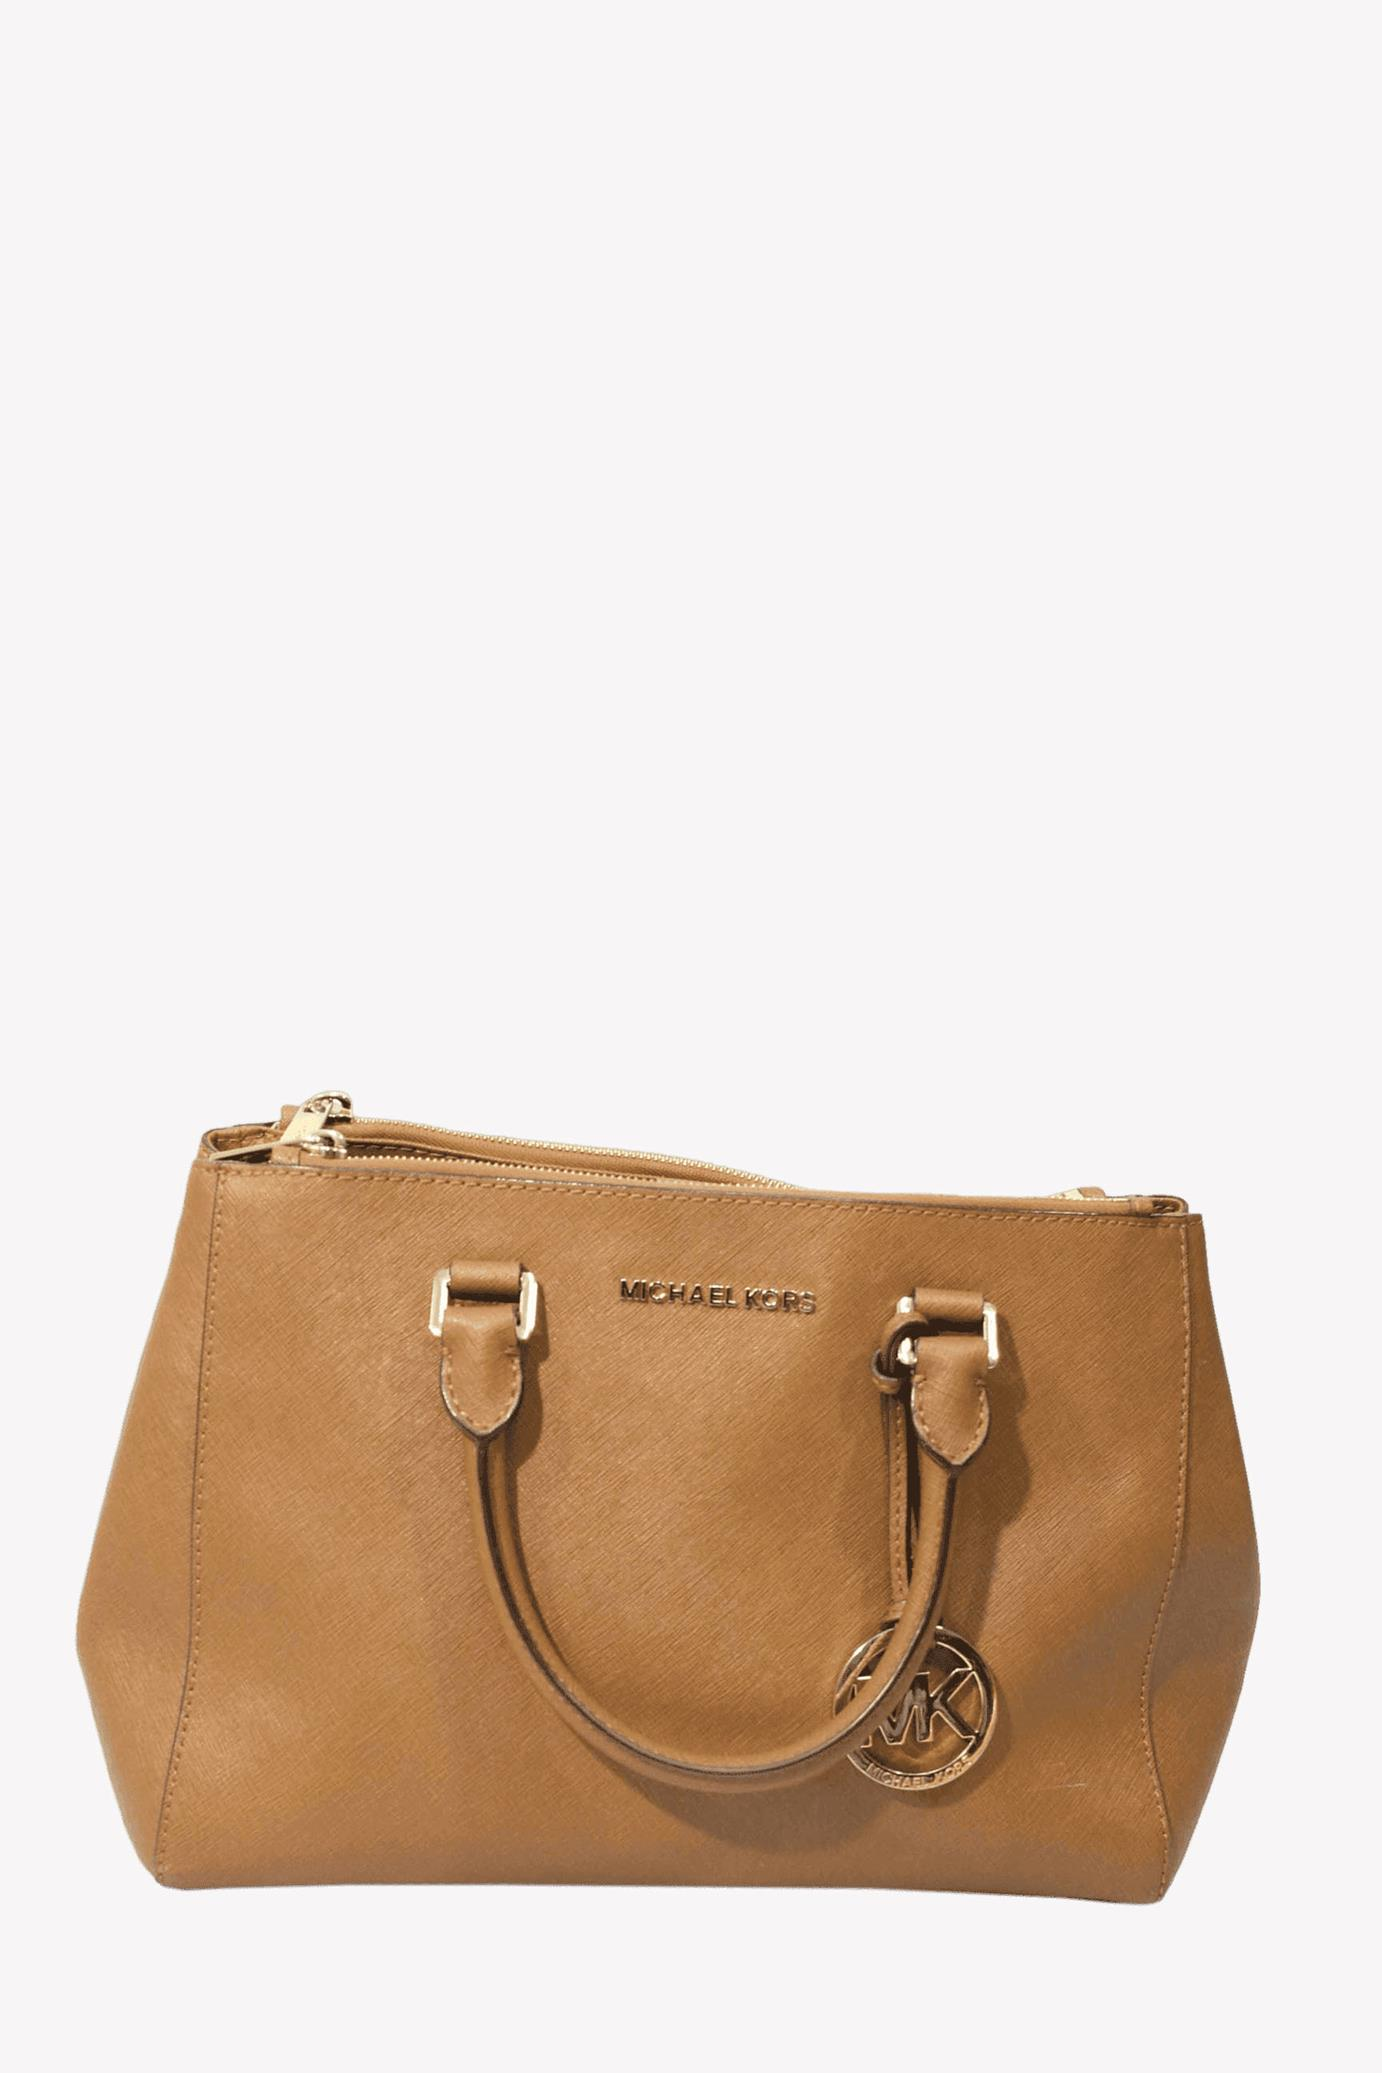 Michael Kors Handtasche in Brown.1